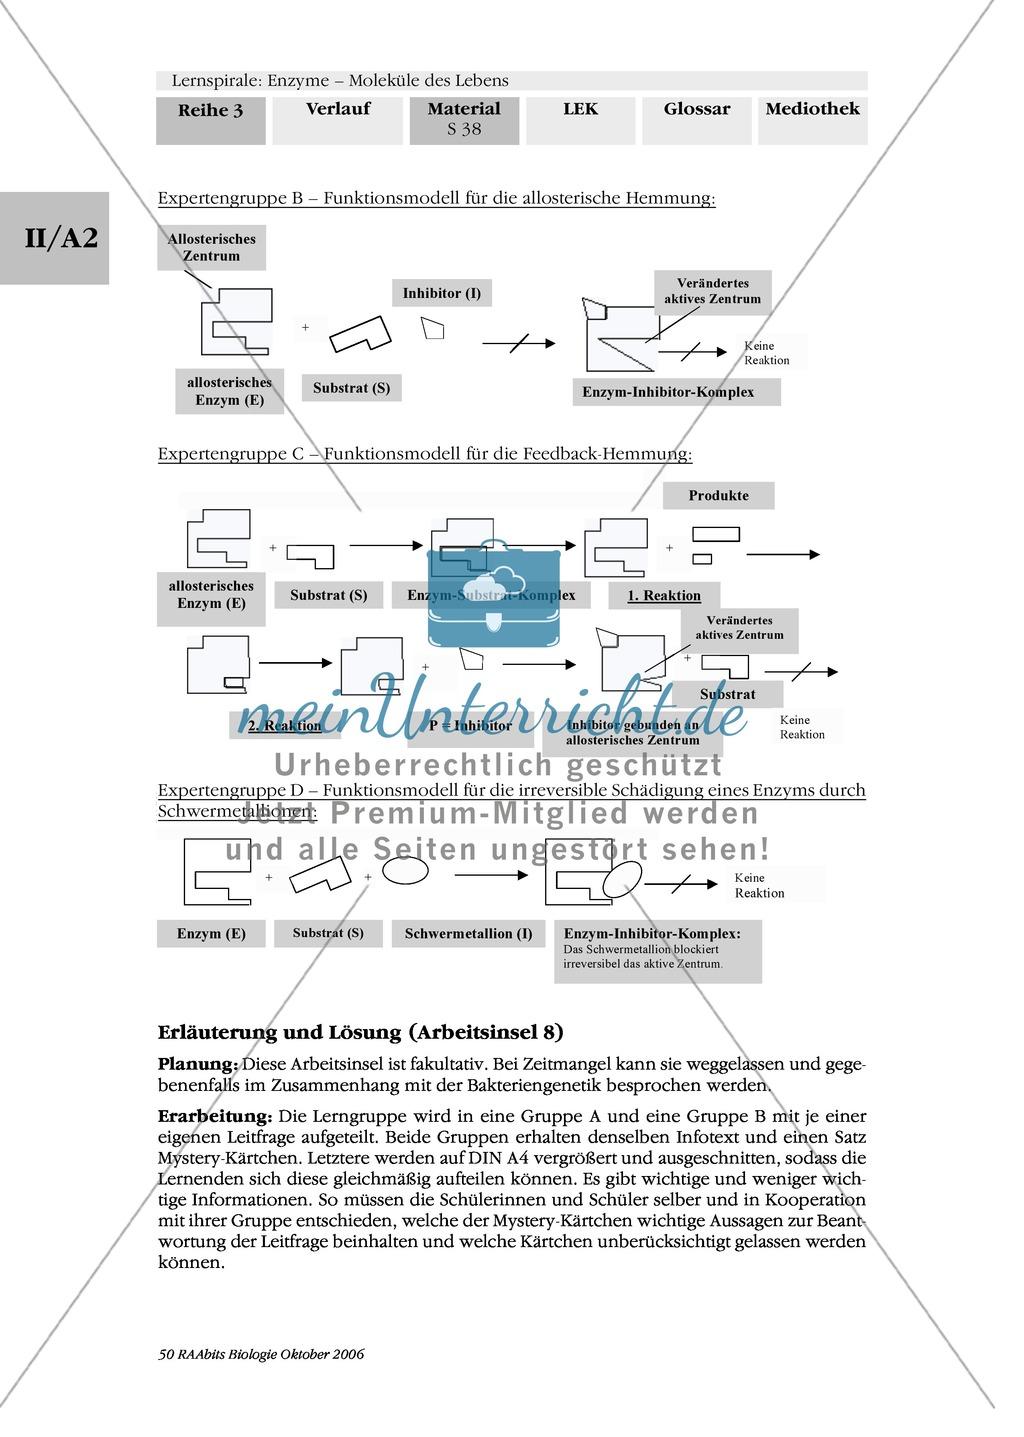 Enzyme: Arbeitsinseln zu den Themen Stoffwechsel, Enzymreaktionen, Hemmstoffe, Cofaktoren, Regulation Preview 30